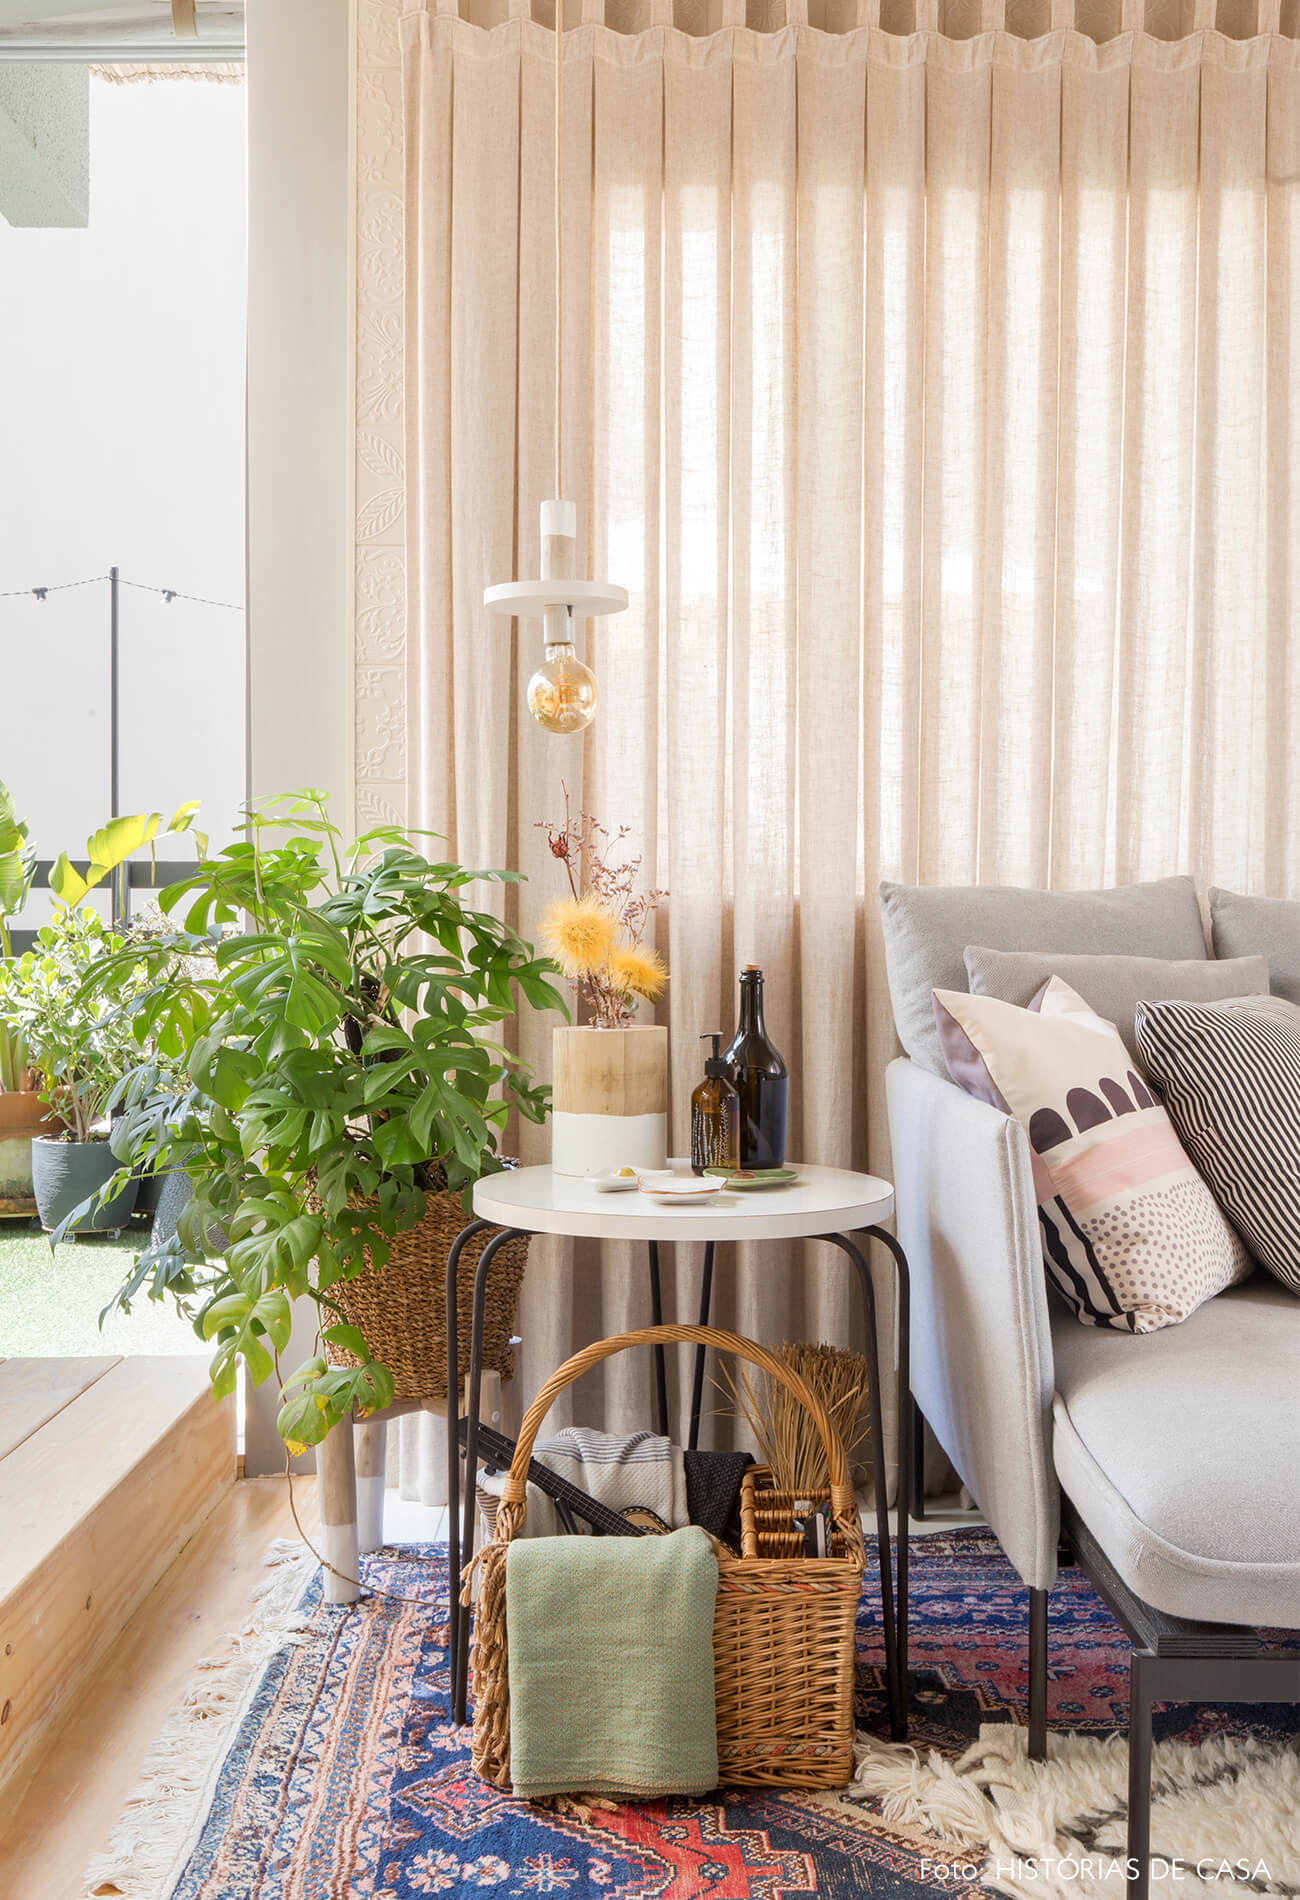 ju-cosi-decoração-sala-com-cesto-e-plantas